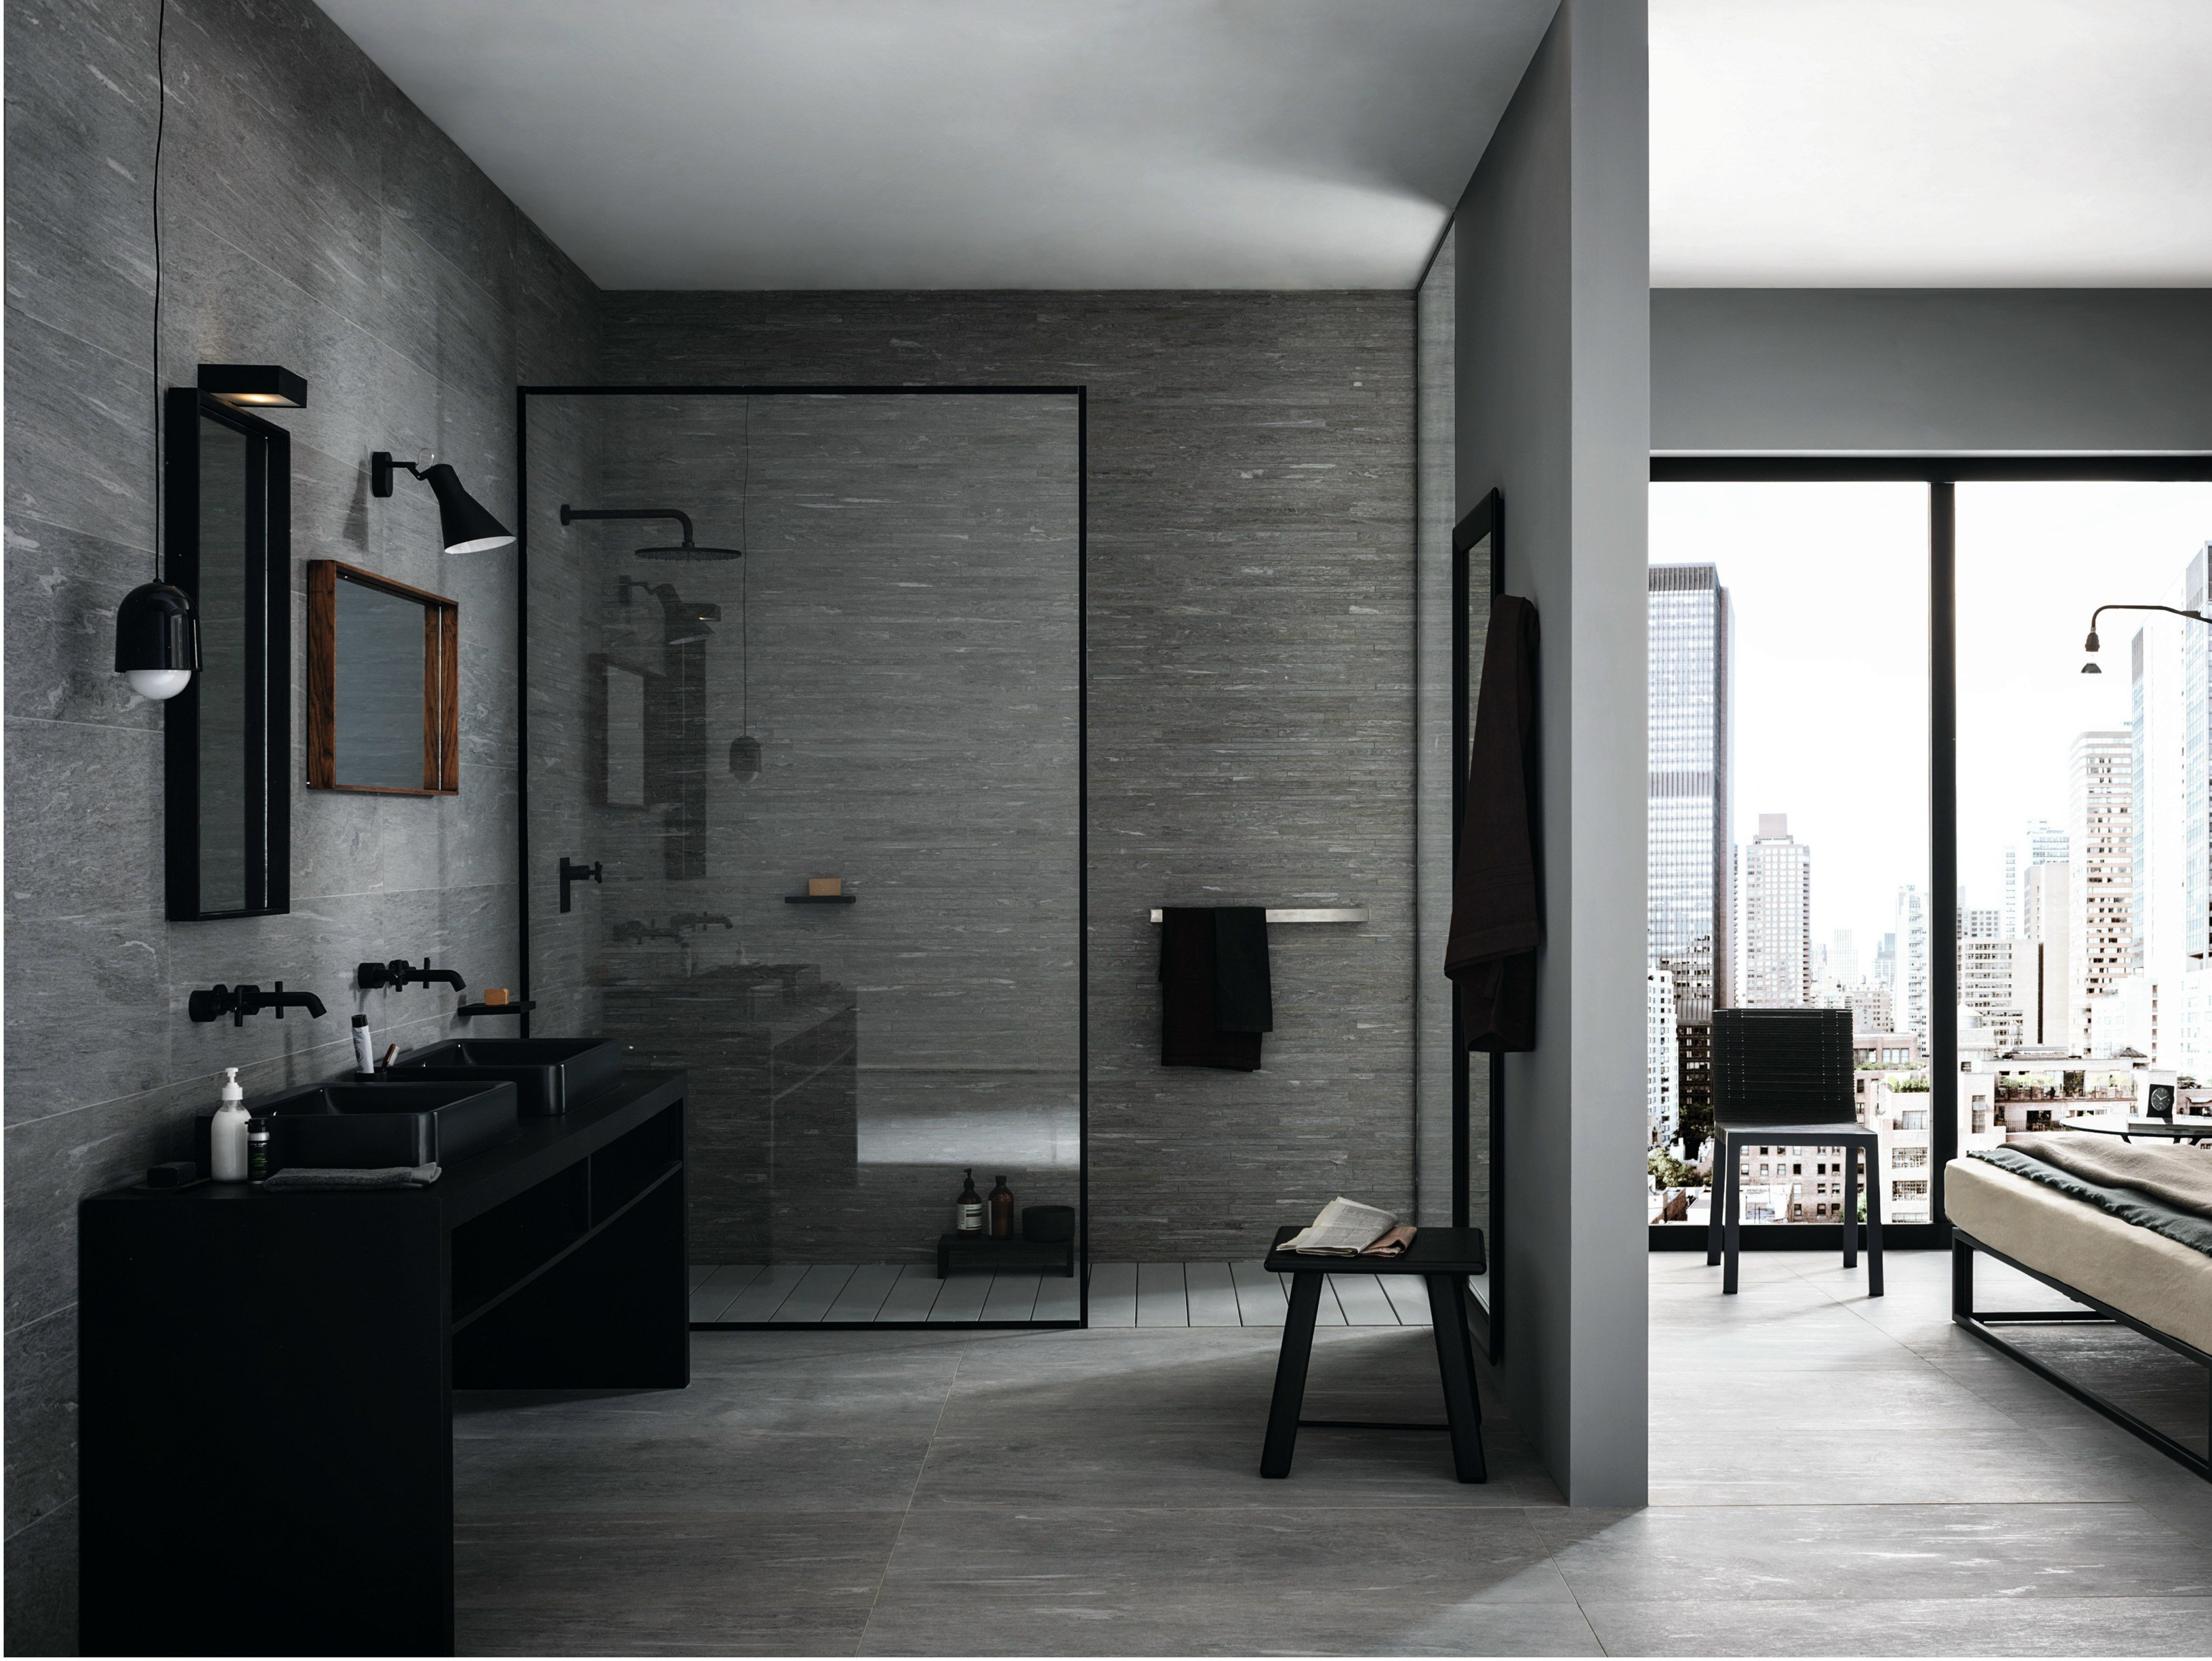 Wand und bodenbelag aus feinsteinzeug mystone pietra di vals by marazzi - European bathroom designs inspirations ...